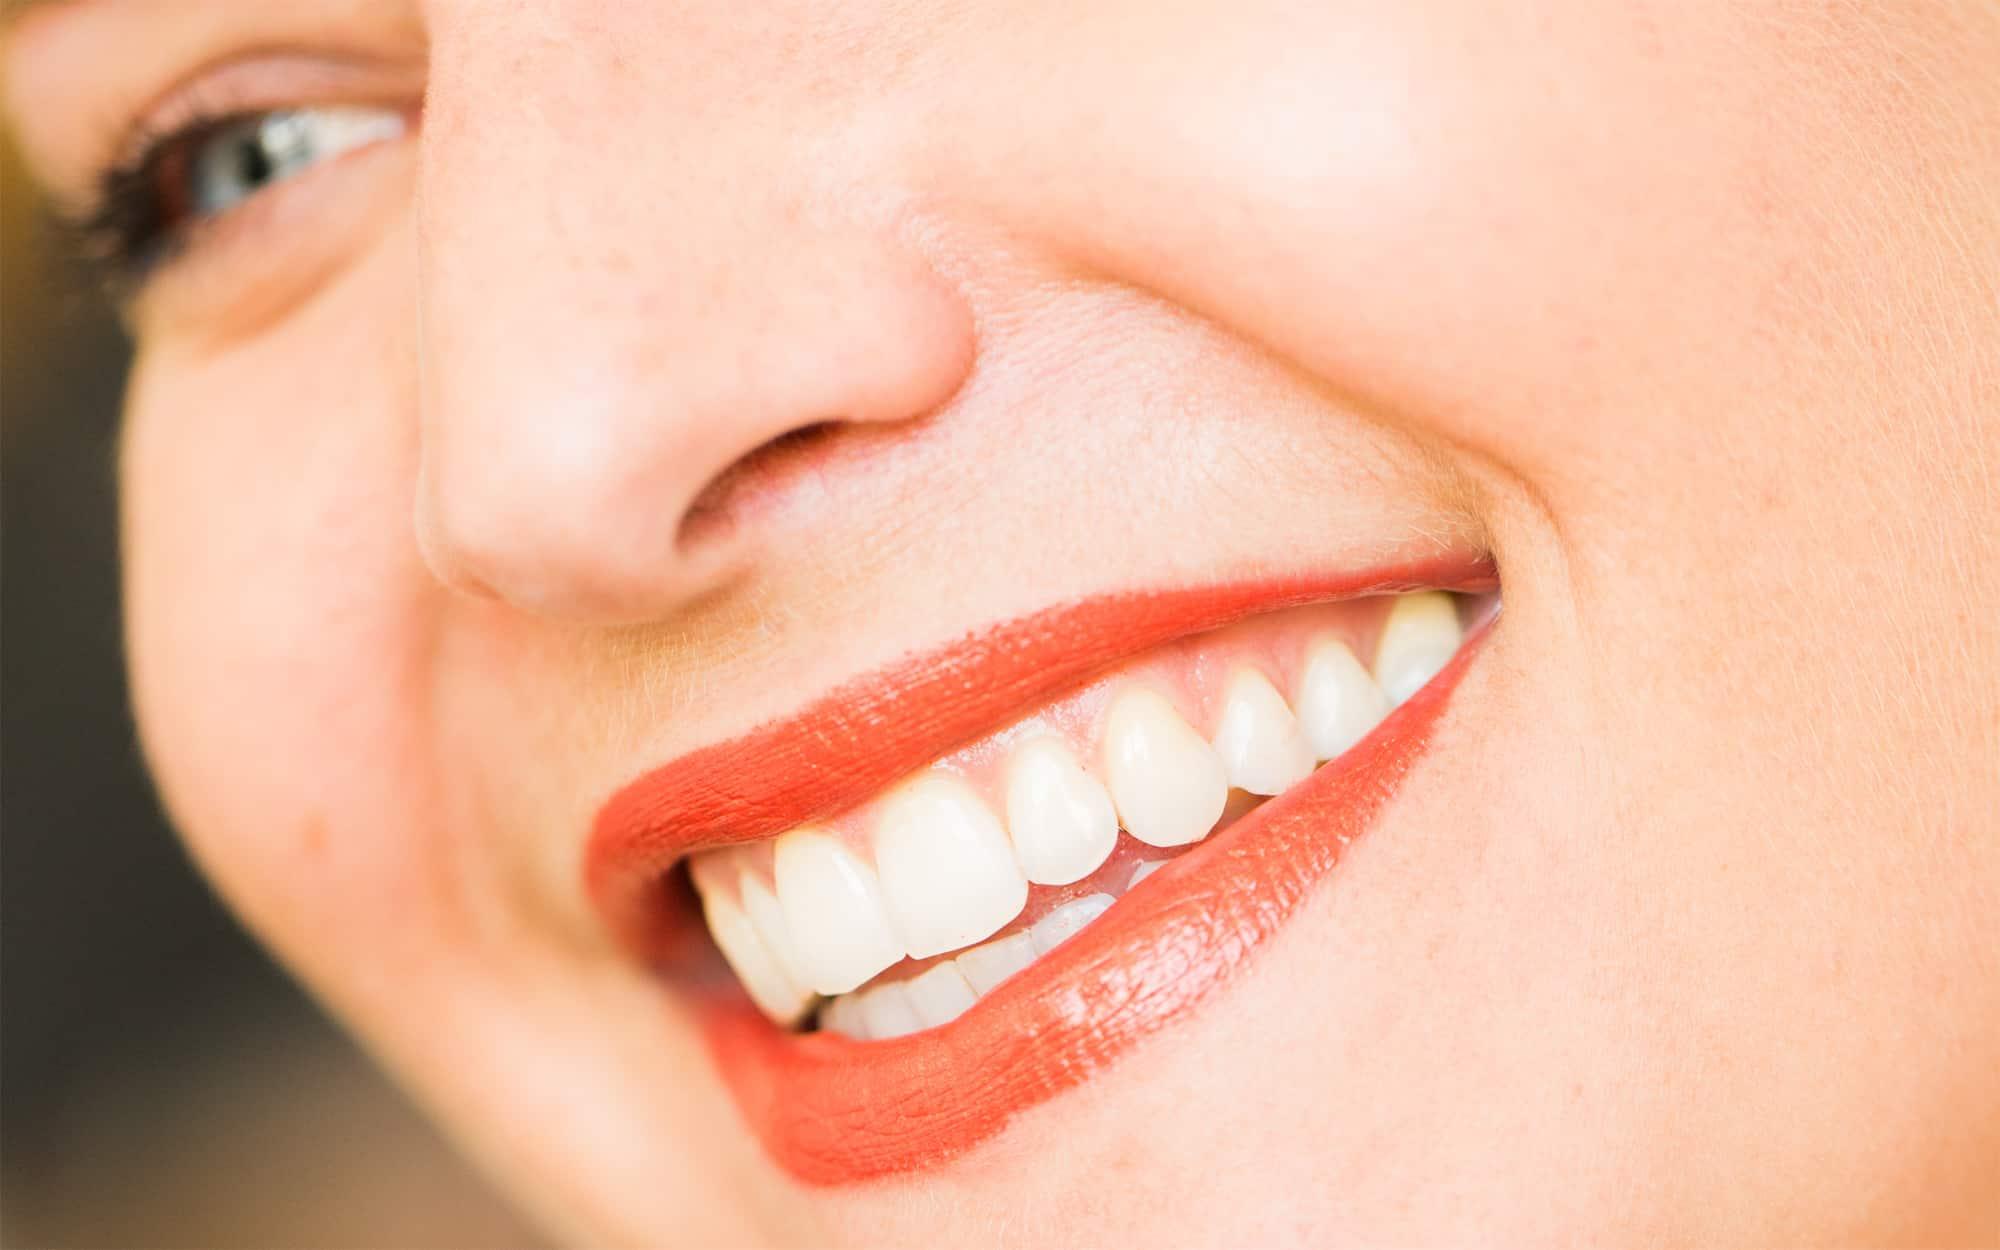 Ästhetische Zahnmedizin in Koblenz - Schöne Zähne und ein strahlendes Lächeln einer jungen Frau